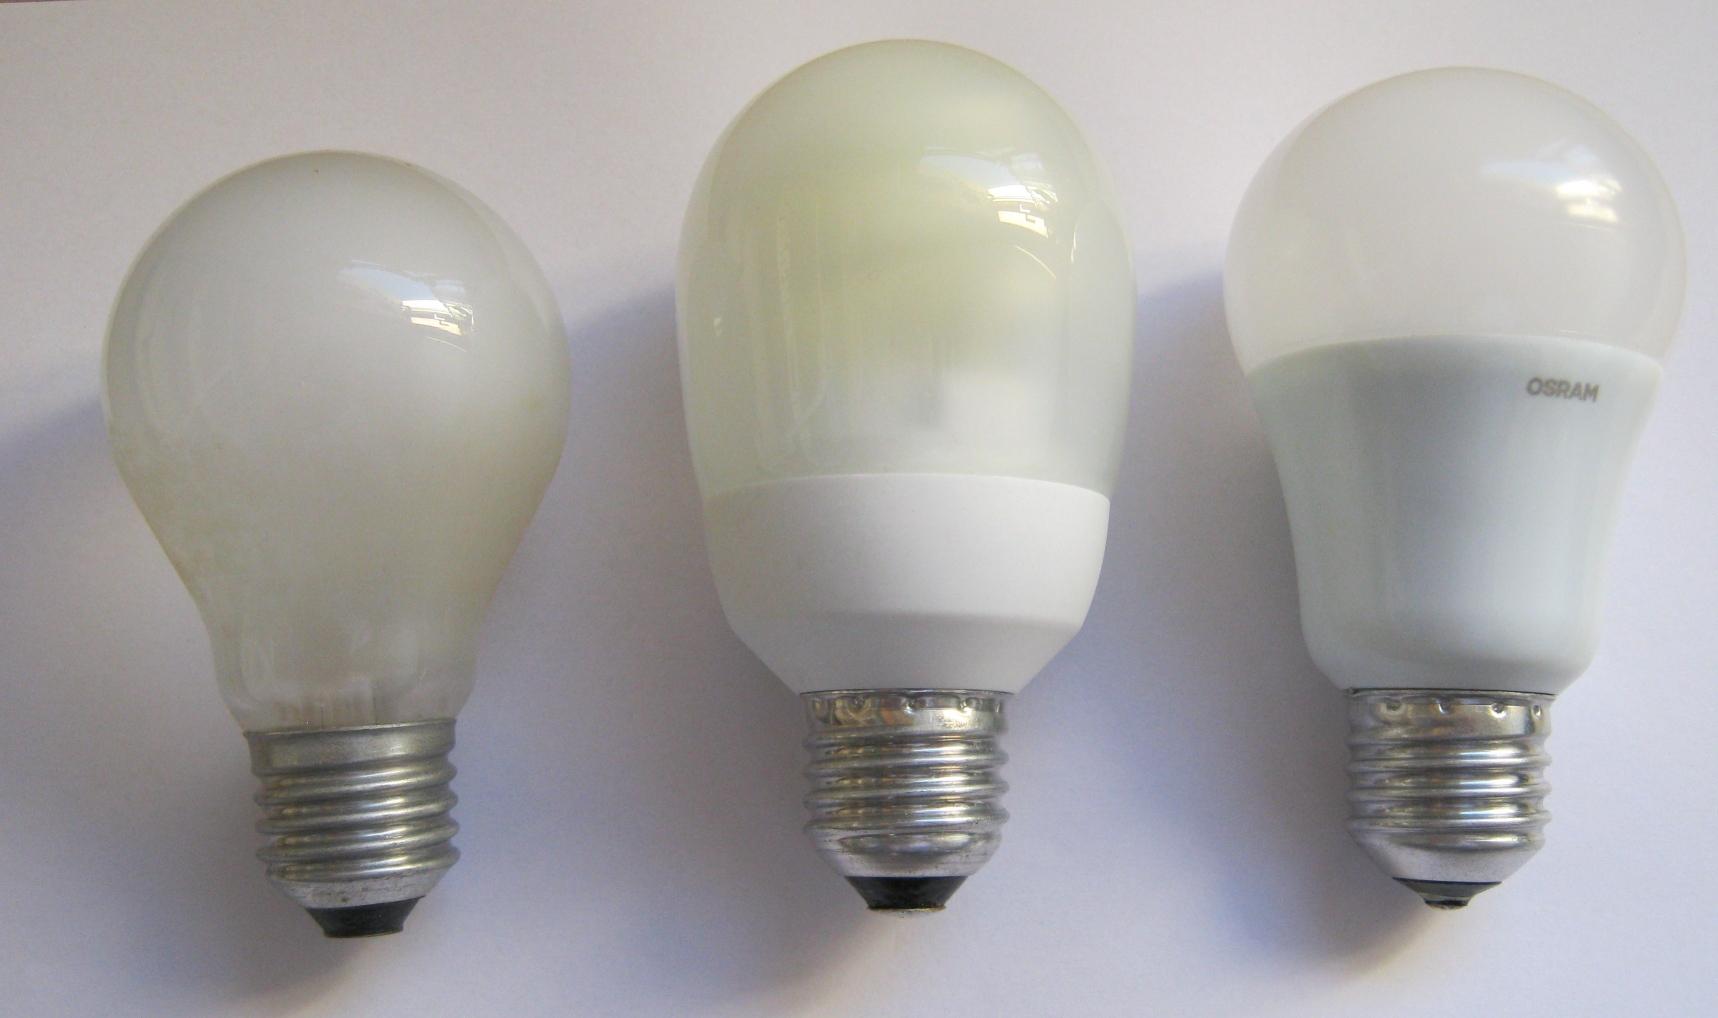 Led lampen: welche empfehlenswert? [archiv] seite 5 3dcenter forum